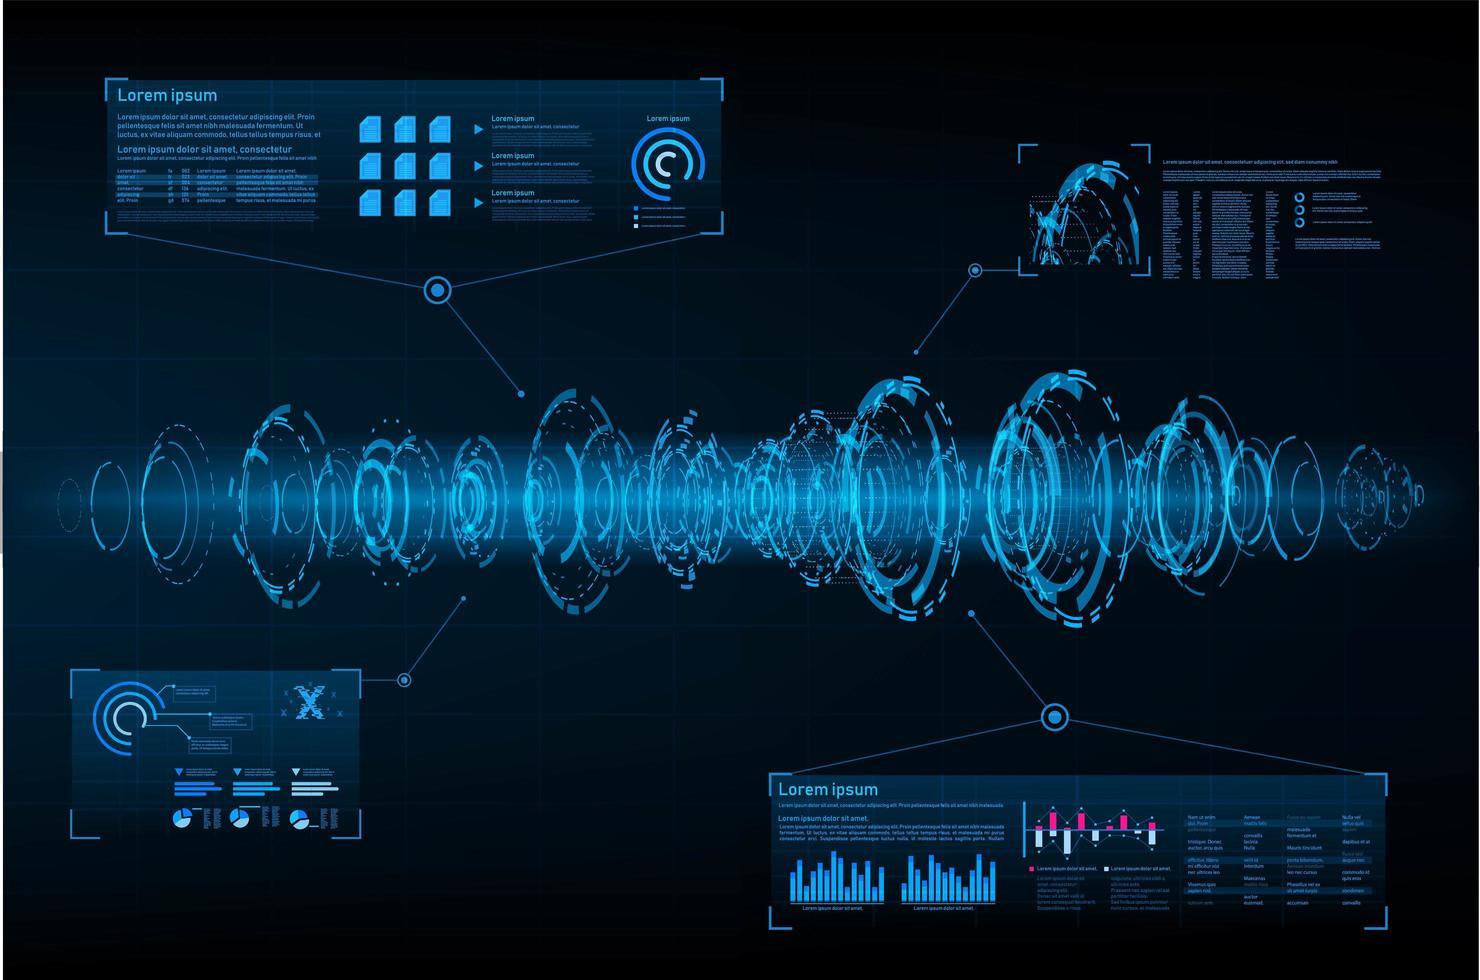 Onde sonore futuriste abstraite avec lumière parasite vecteur